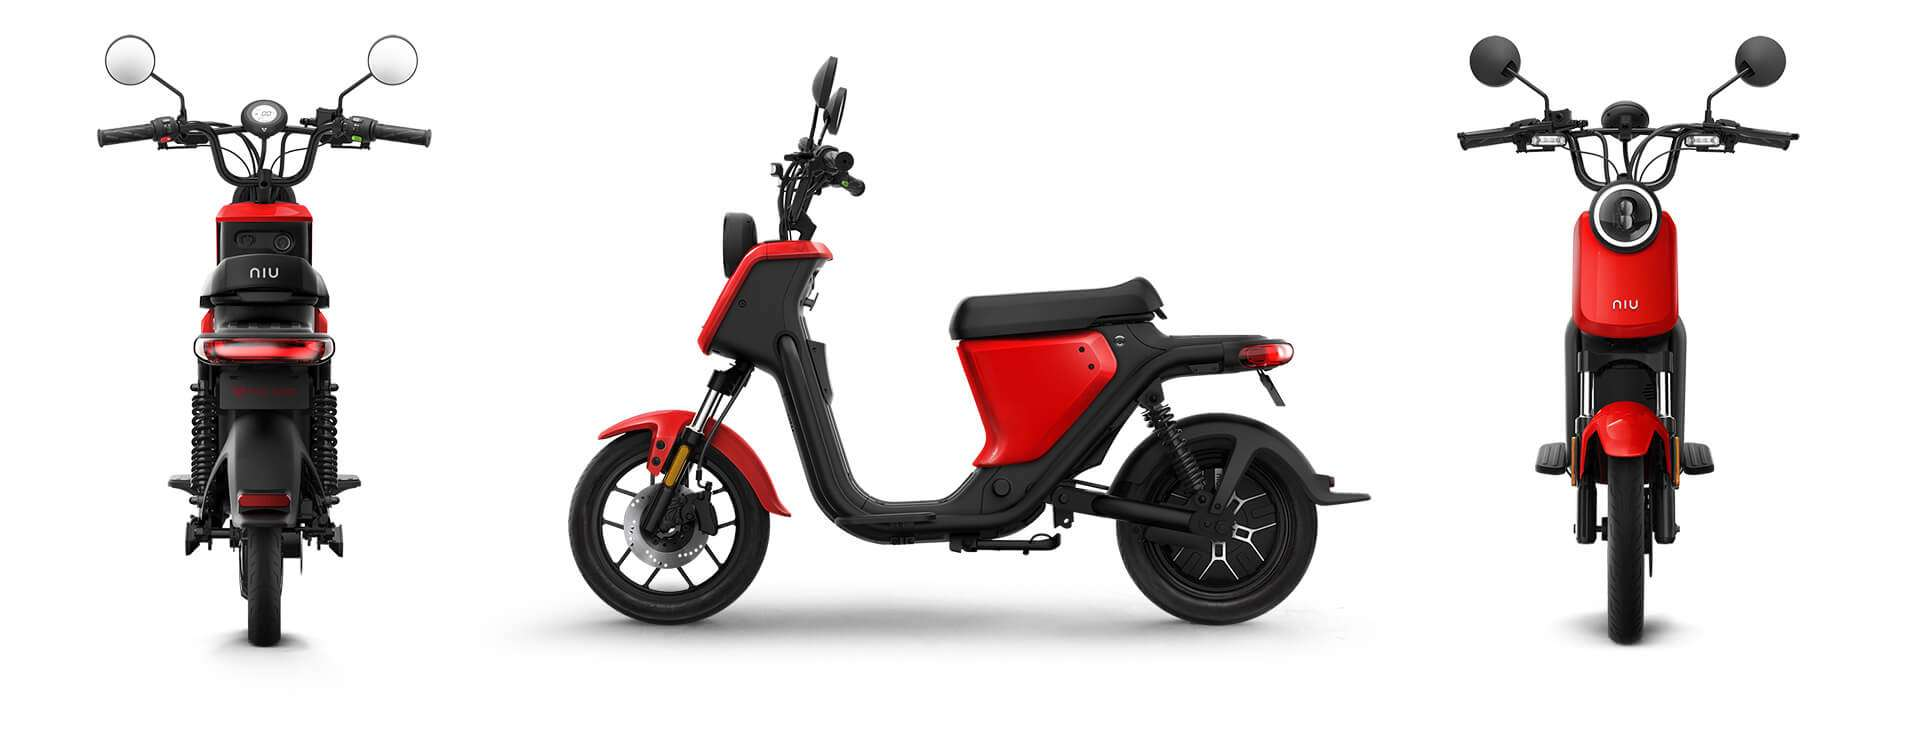 niu_uqi_pro_elektricni_moped_rdec